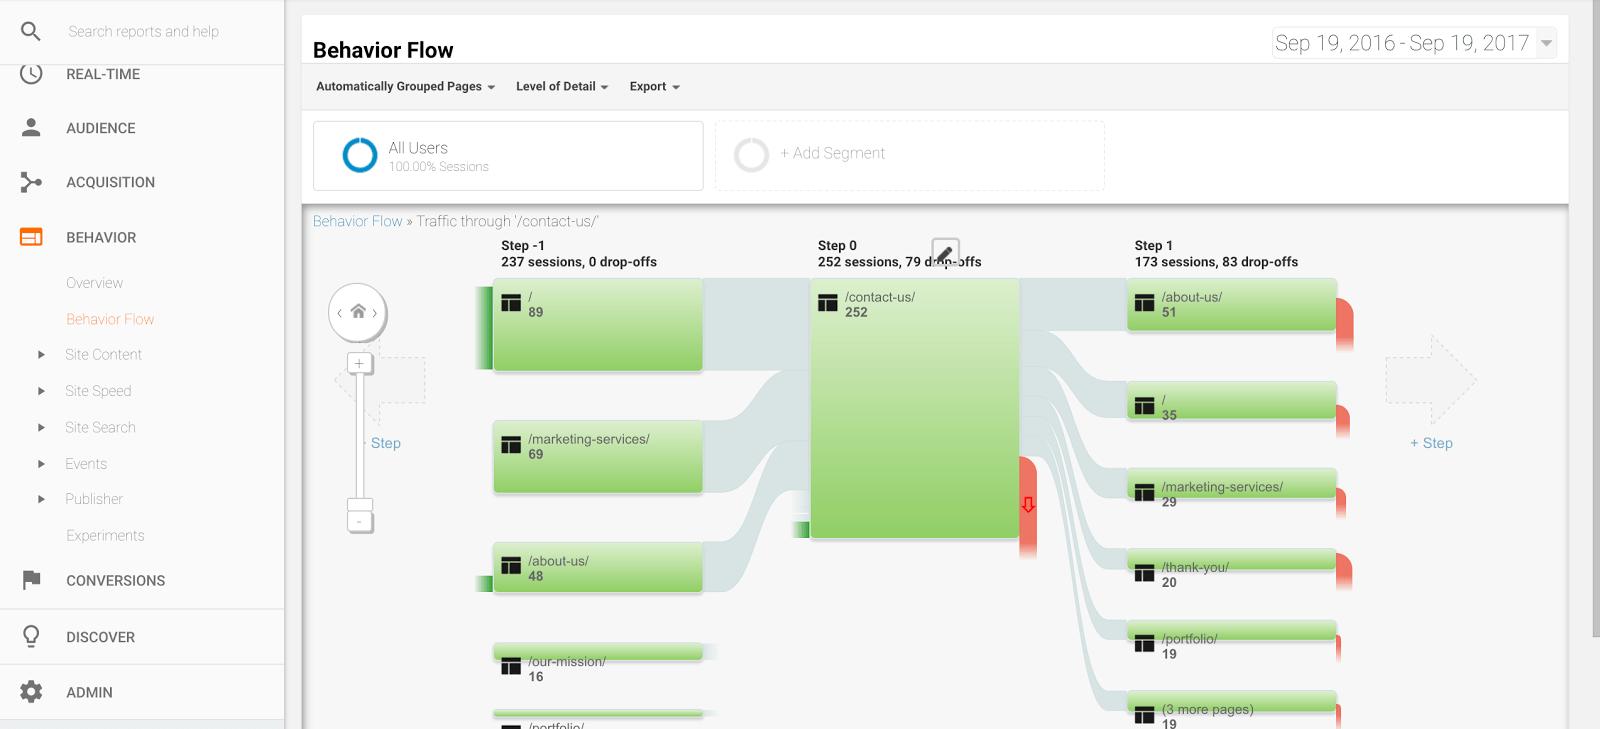 behavior flow page path in google analytics